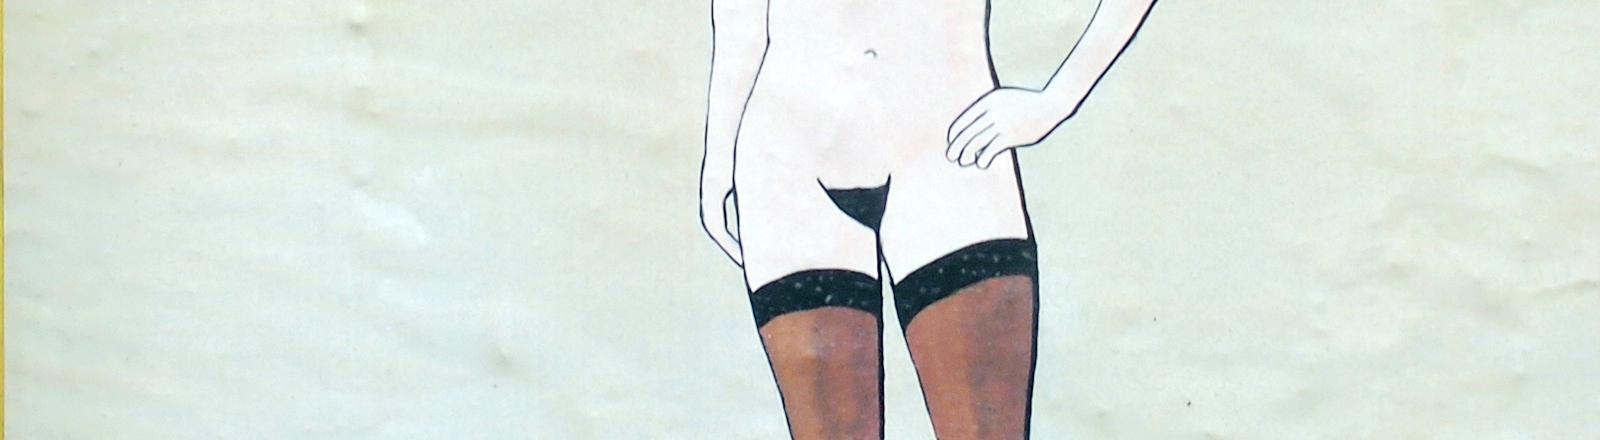 Graffiti mit Beinen einer nackten Frau